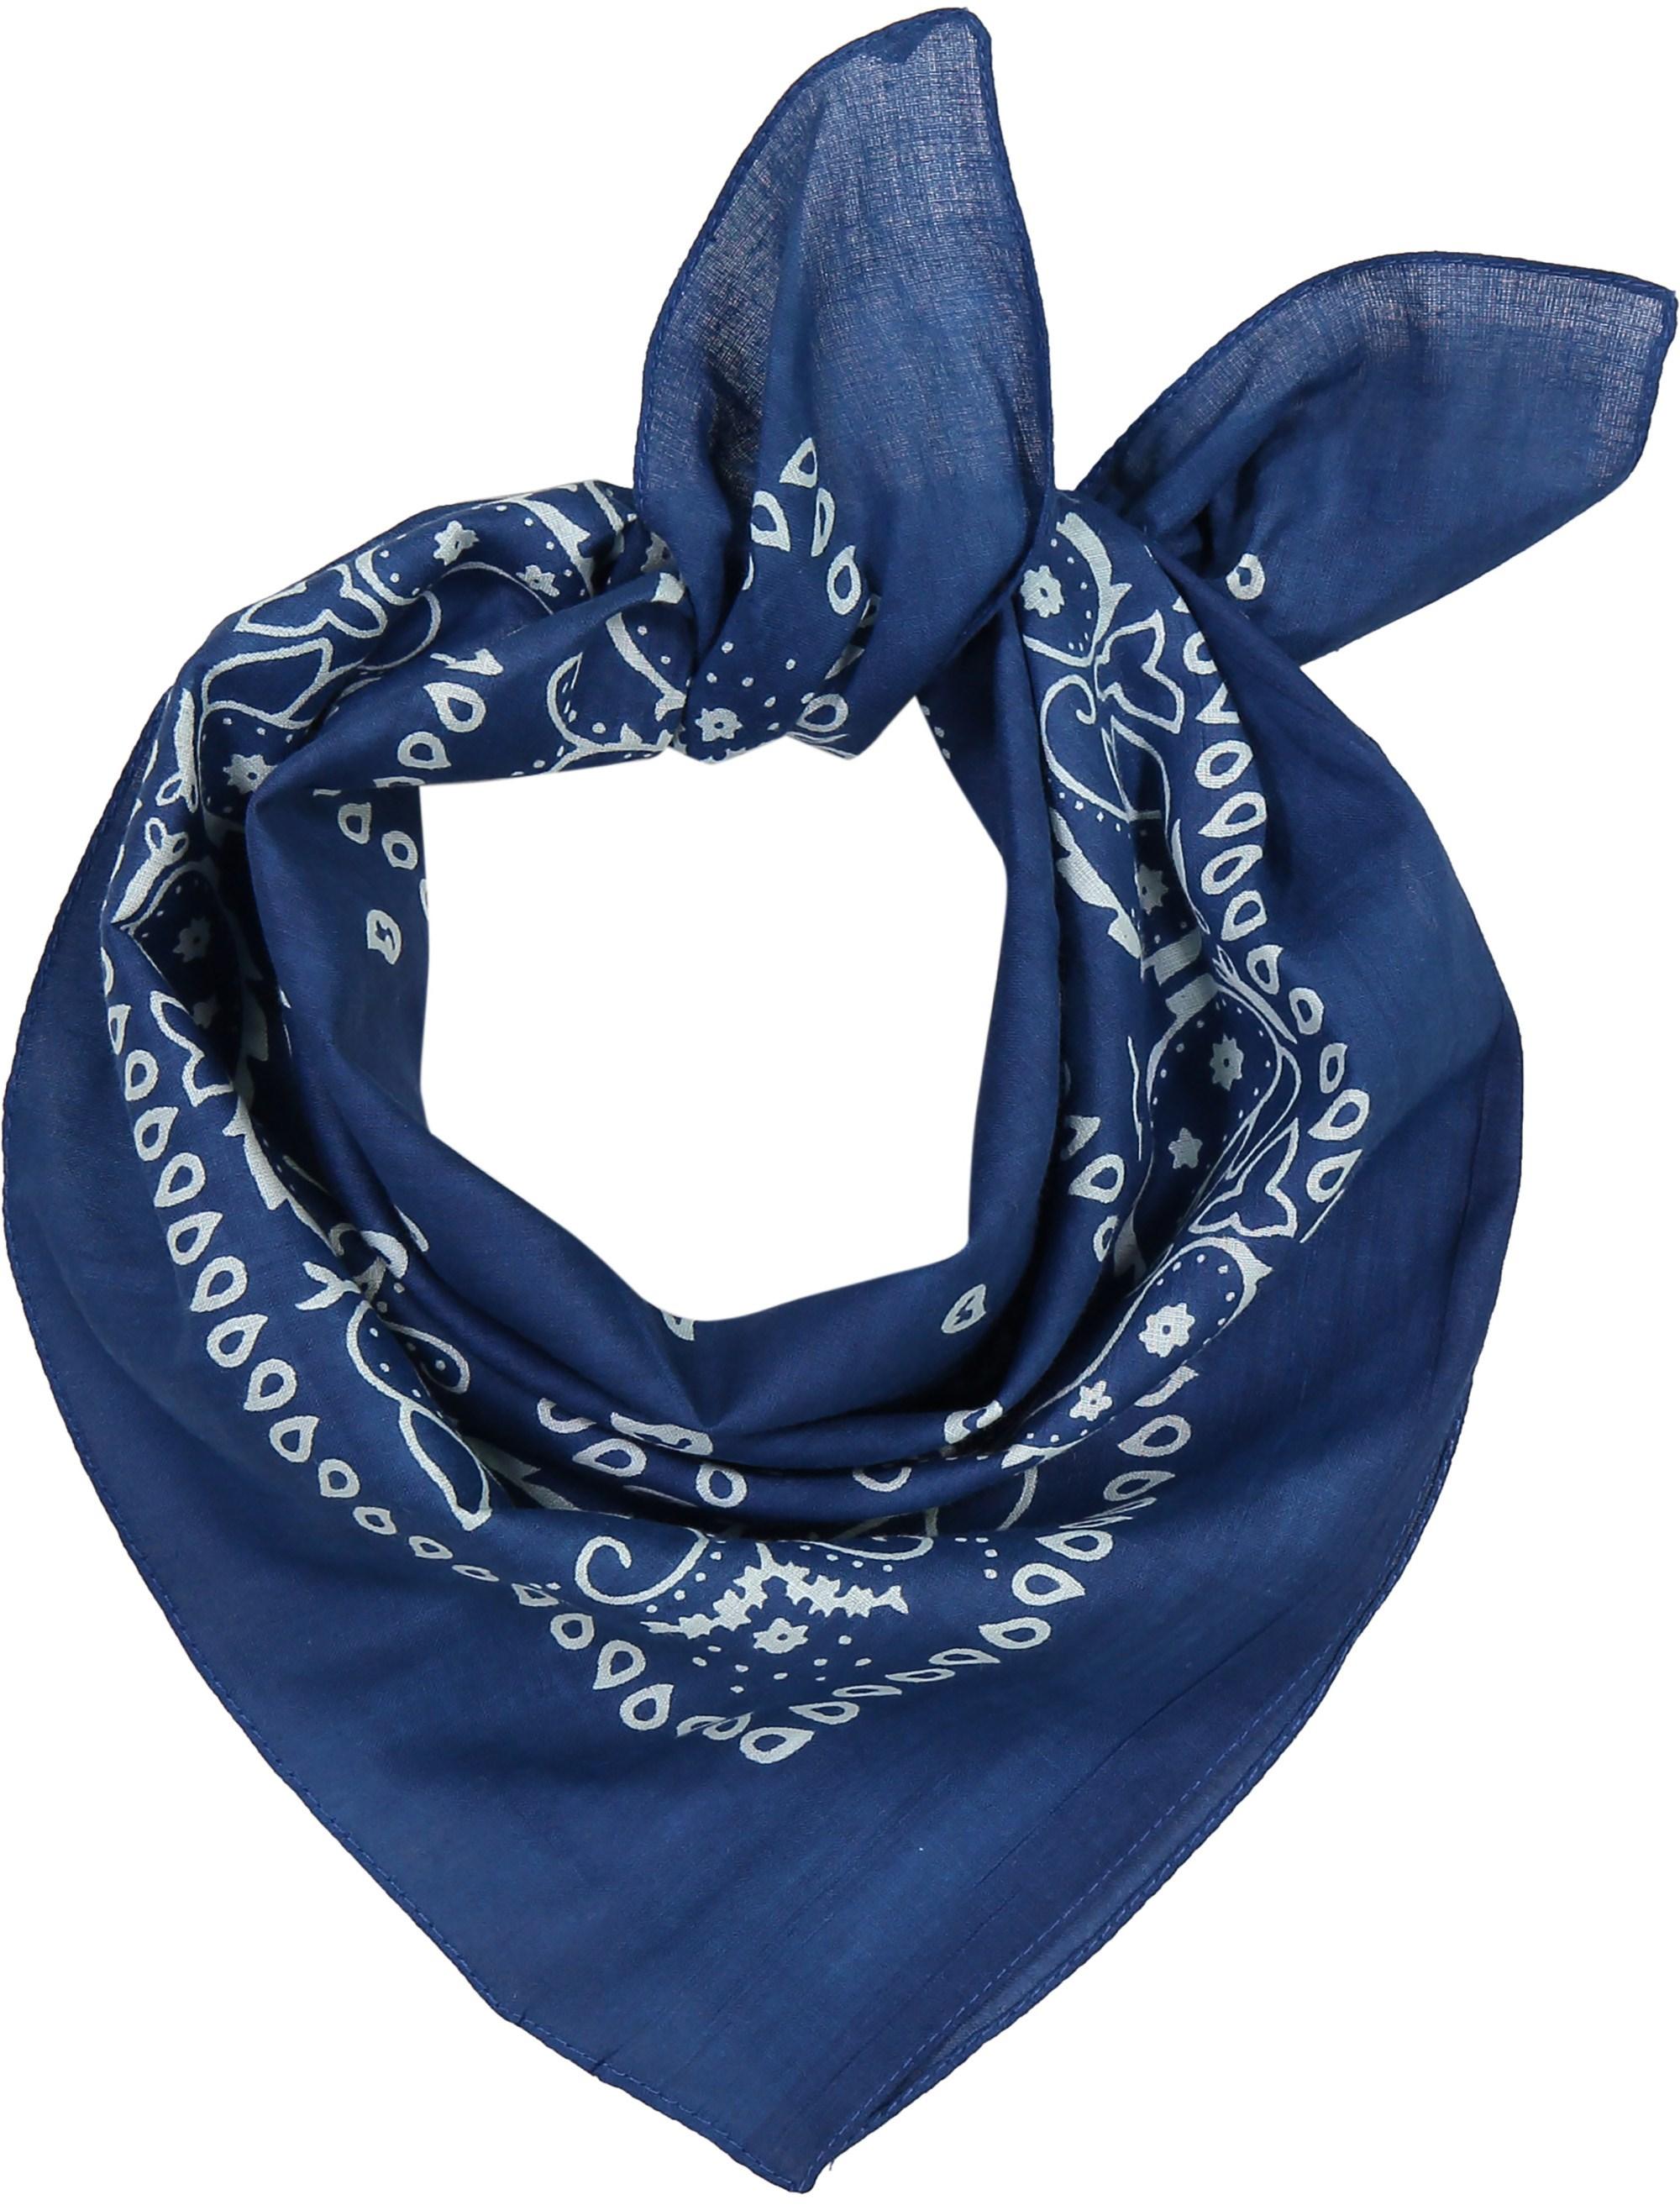 روسری نخی طرح دار دخترانه - بلوکیدز - آبي - 1